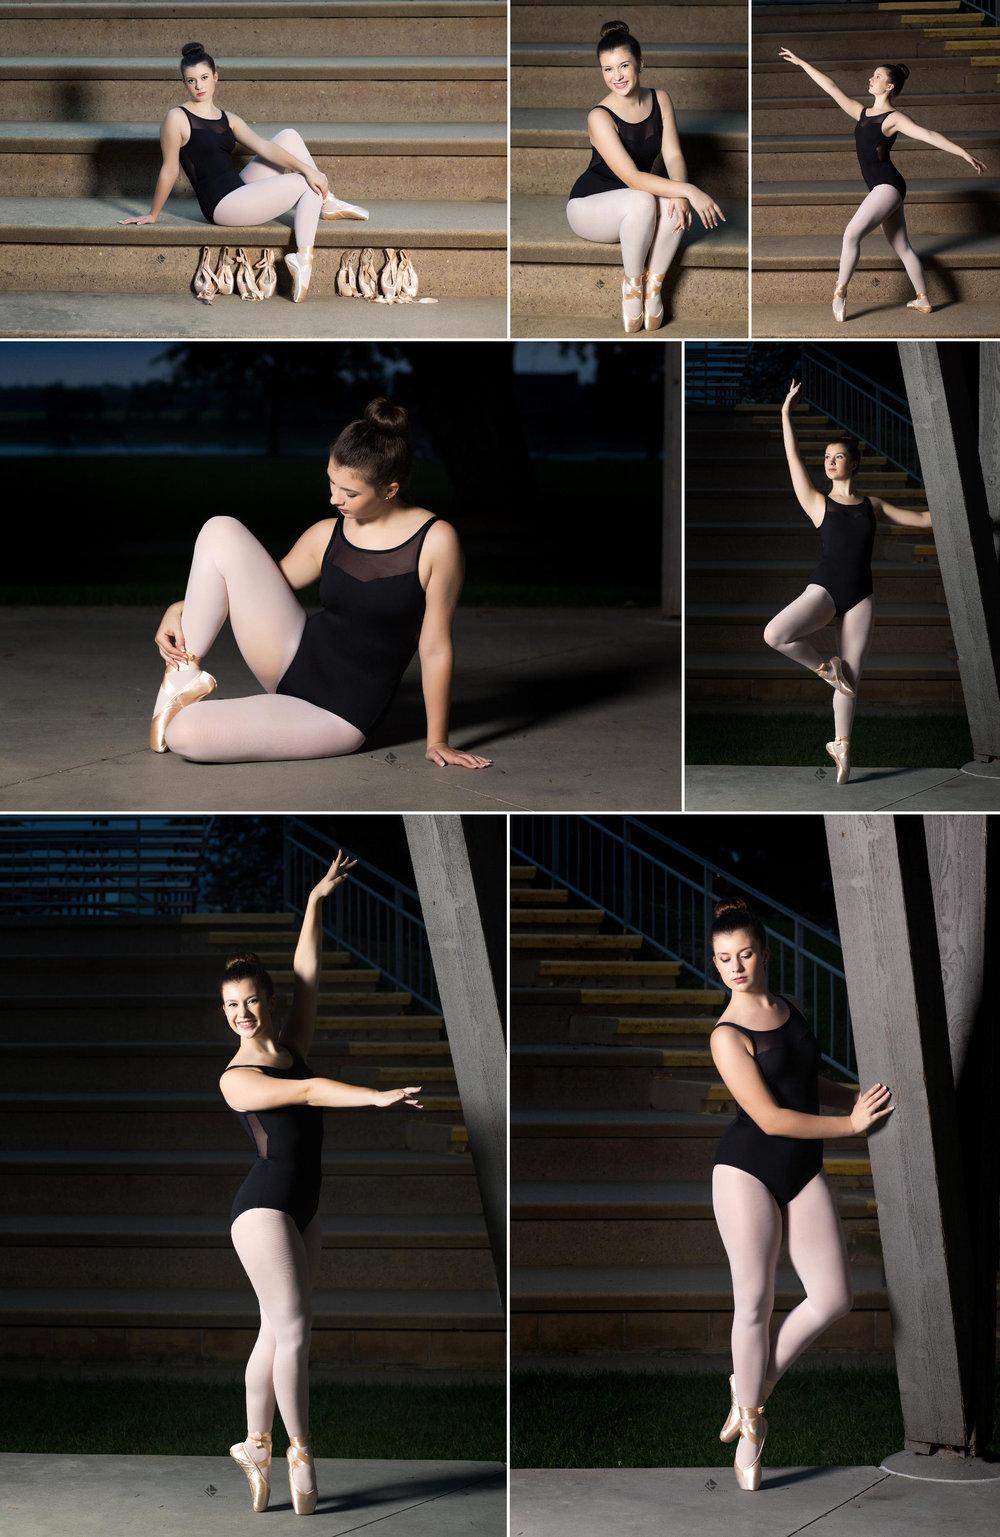 Dance Senior Images by Katie Swatek Photography | Ballerina Images by Katie Swatek Photography